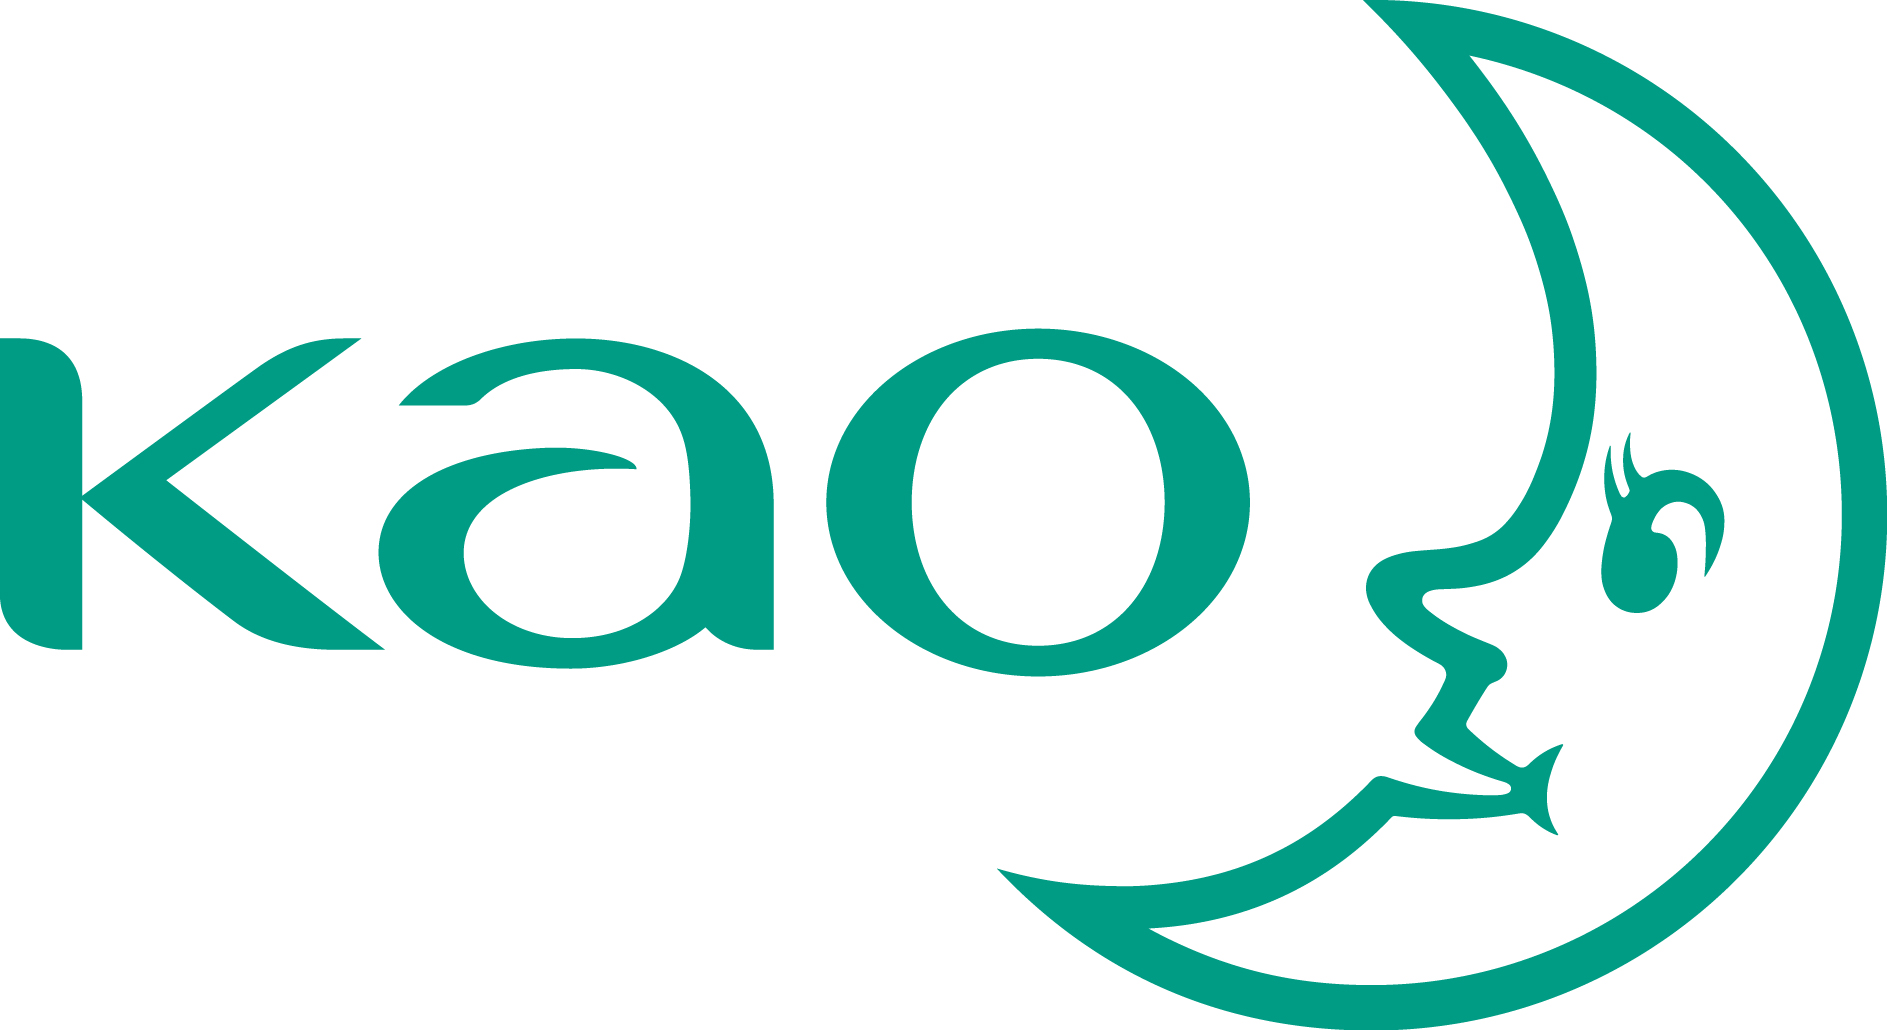 花王 Logo